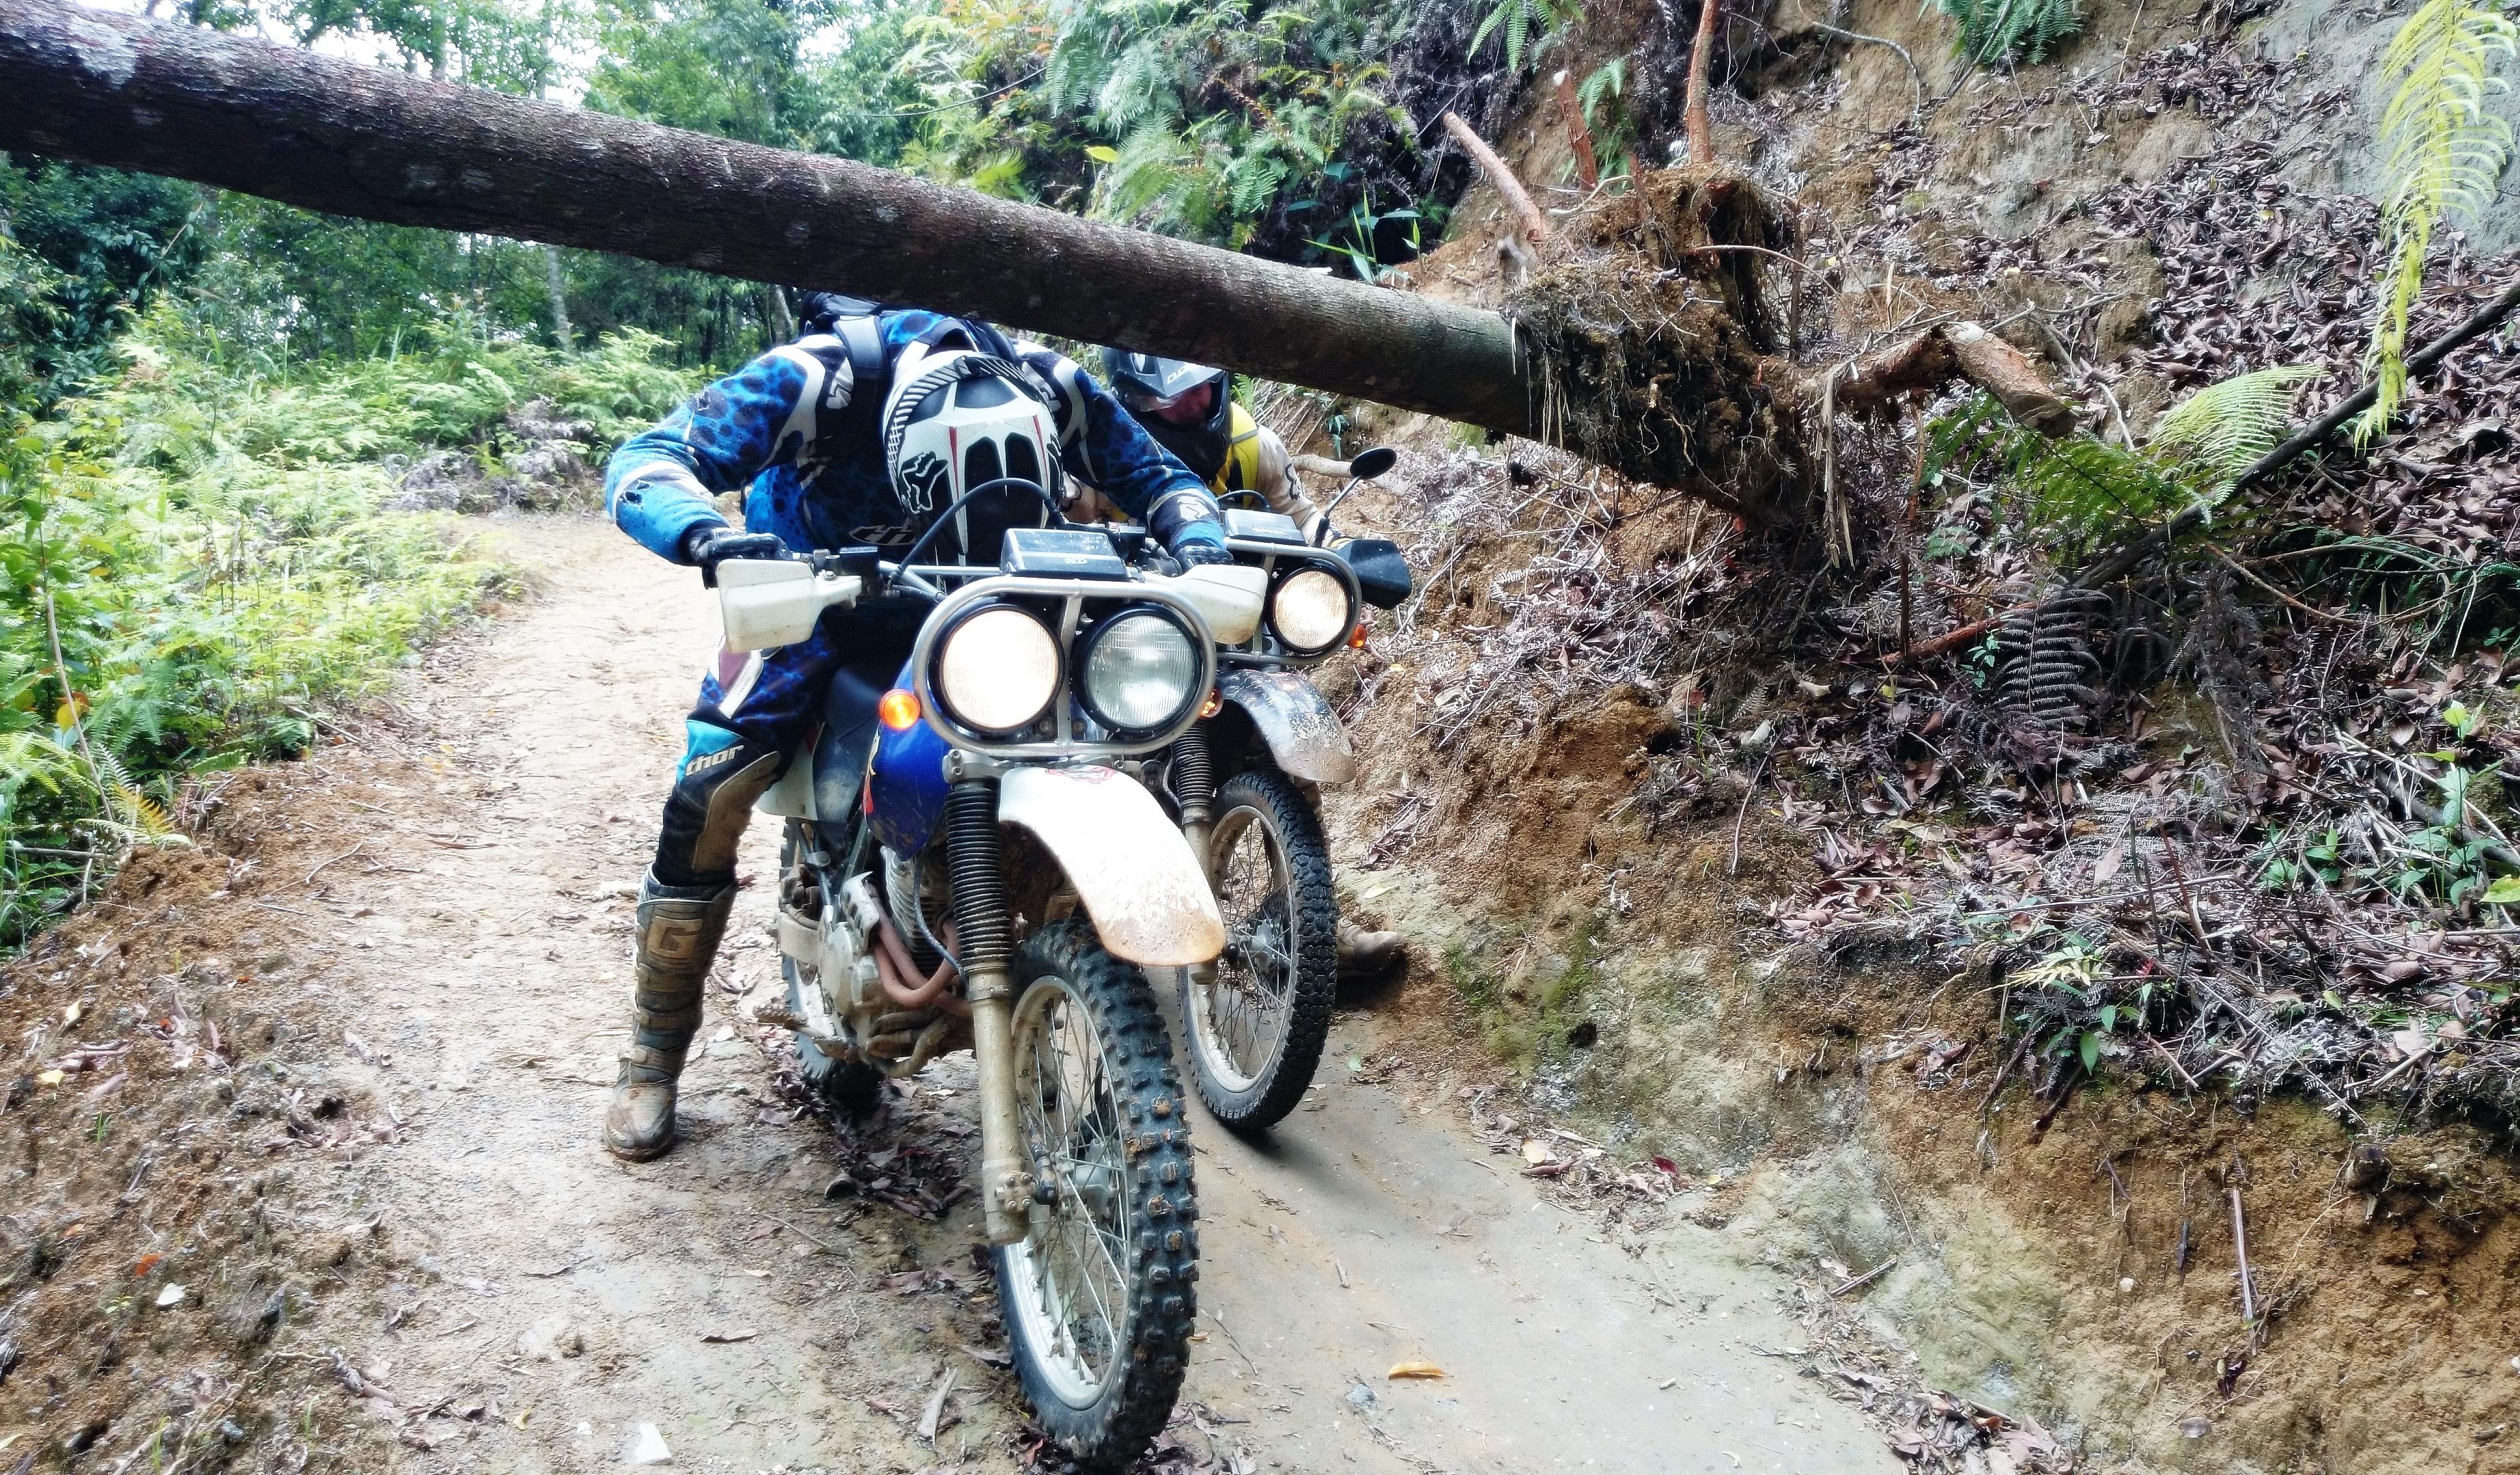 Novice Track Days Motorcycle